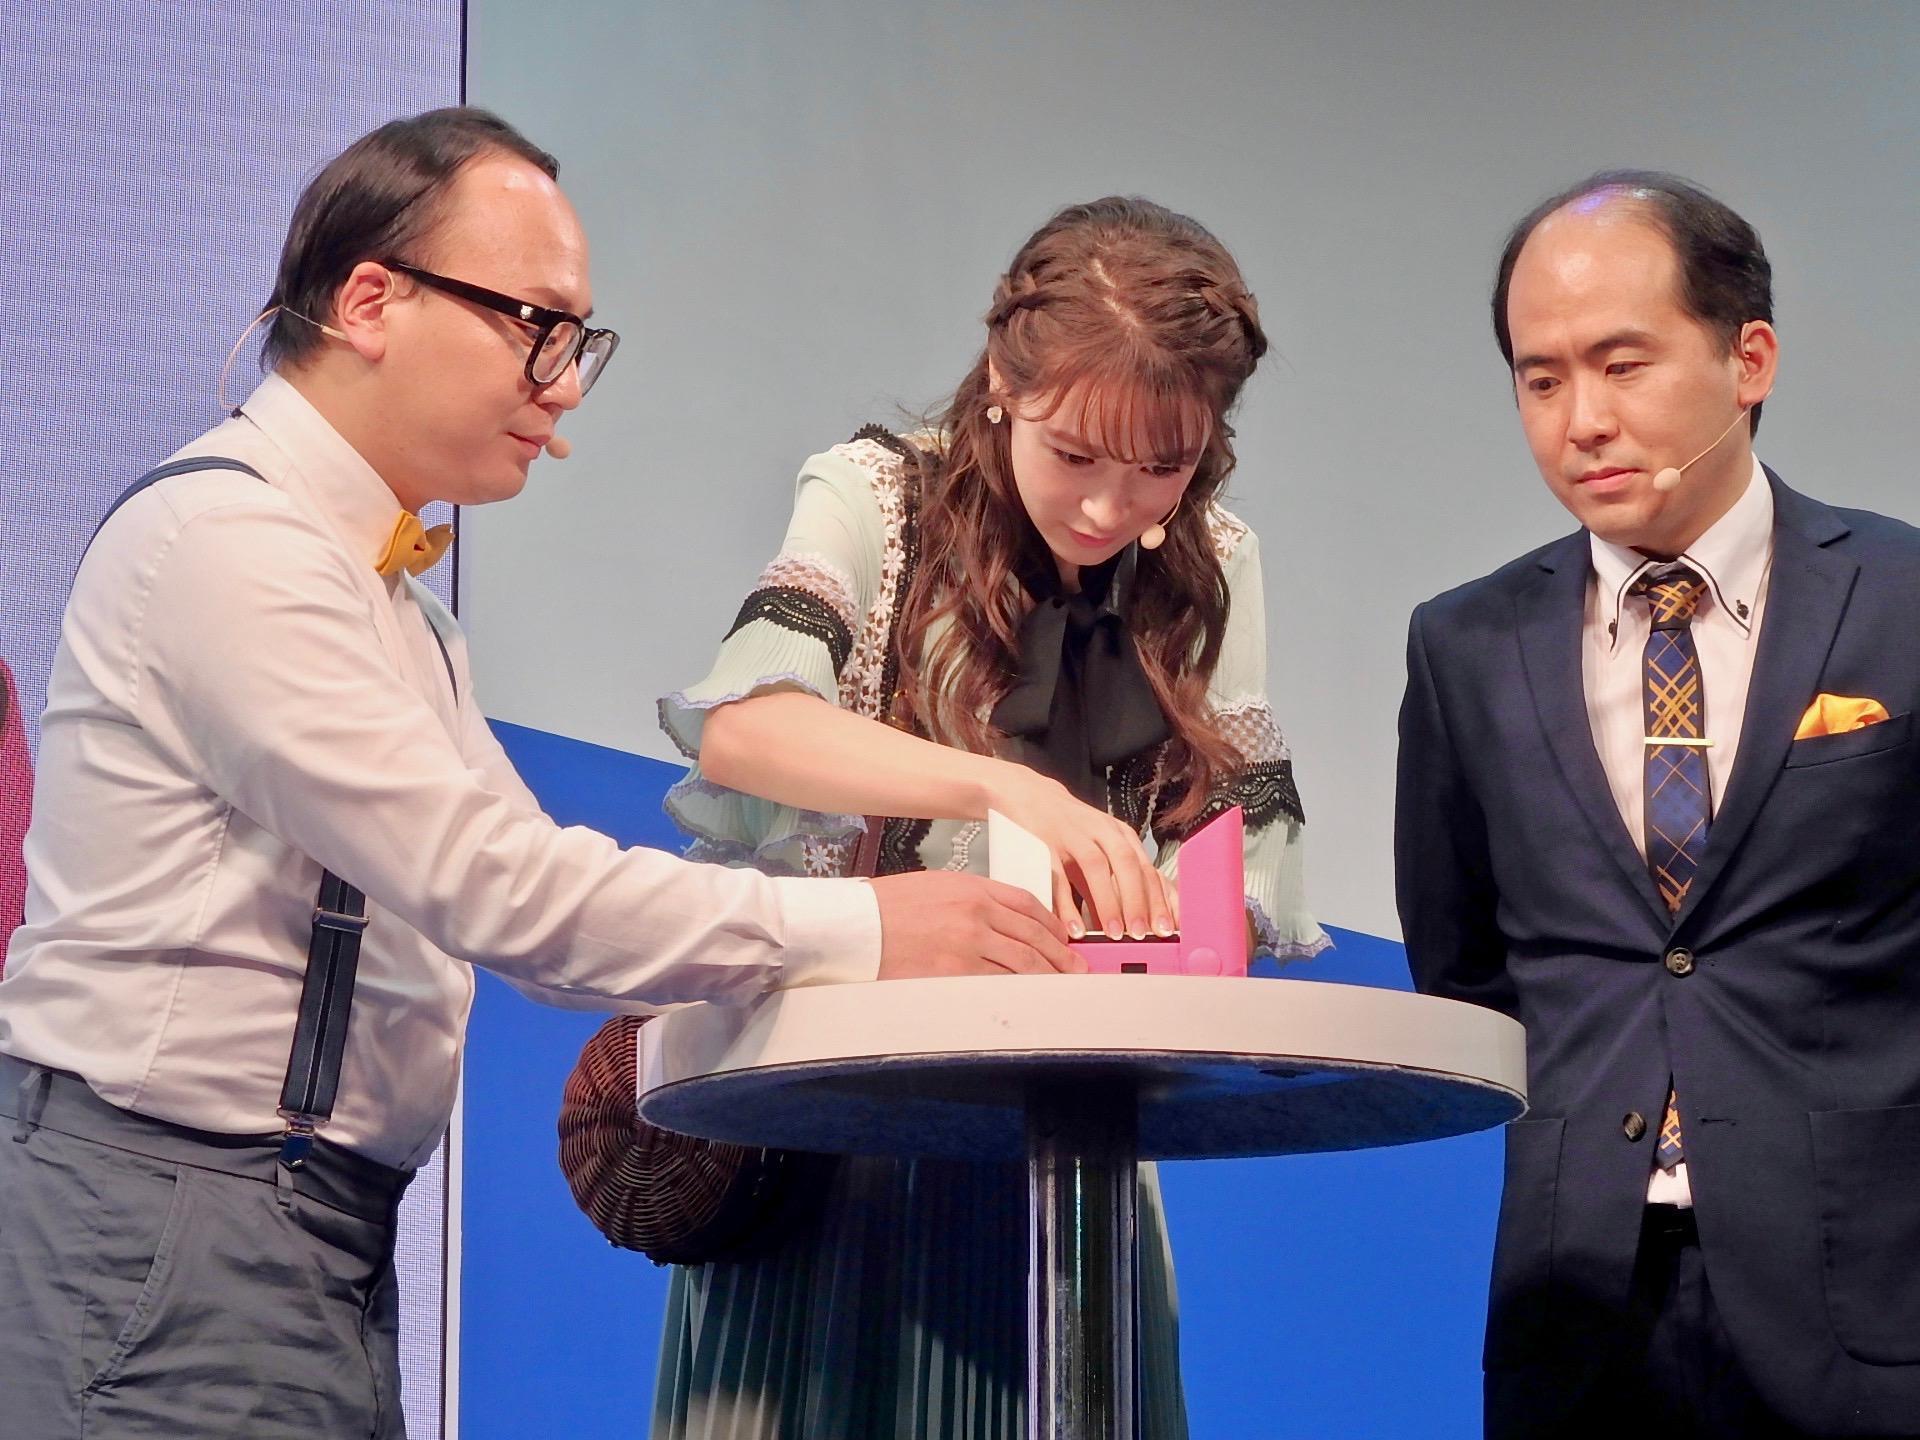 http://news.yoshimoto.co.jp/20180608133608-ad98f06ea636d097515d04fac61c4243c2e732bc.jpg